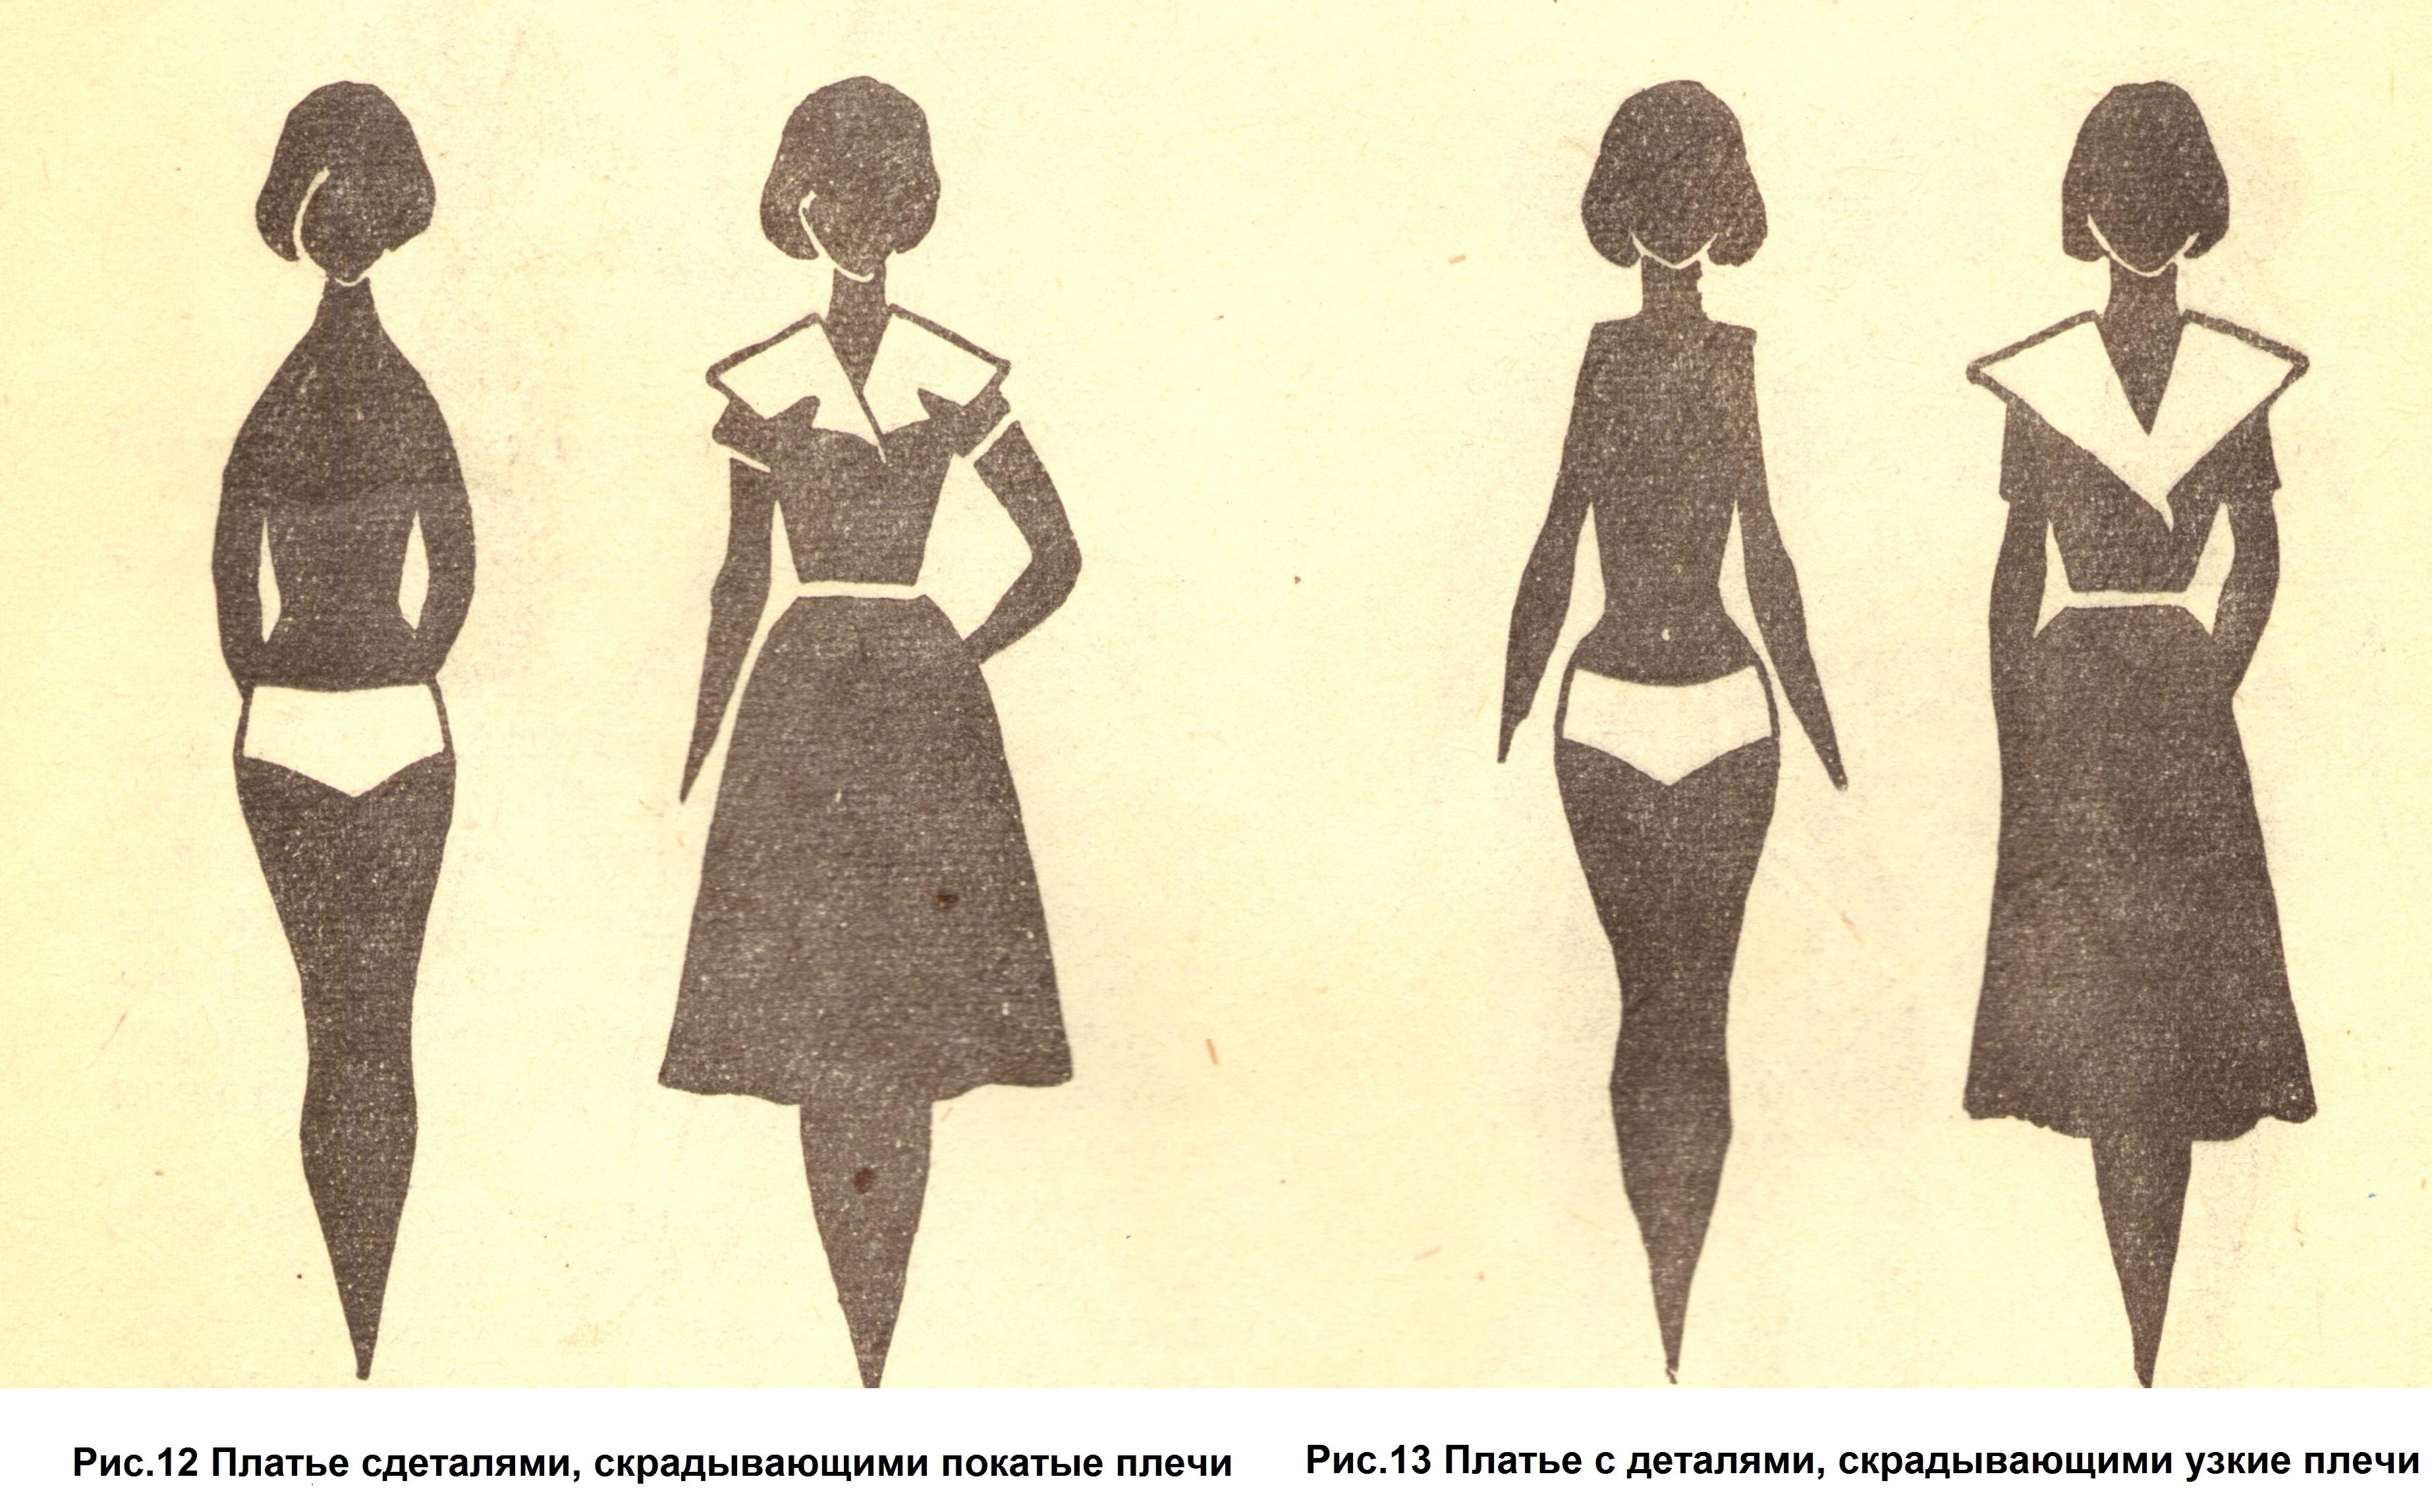 Покатые и узкие плечи (12-13)